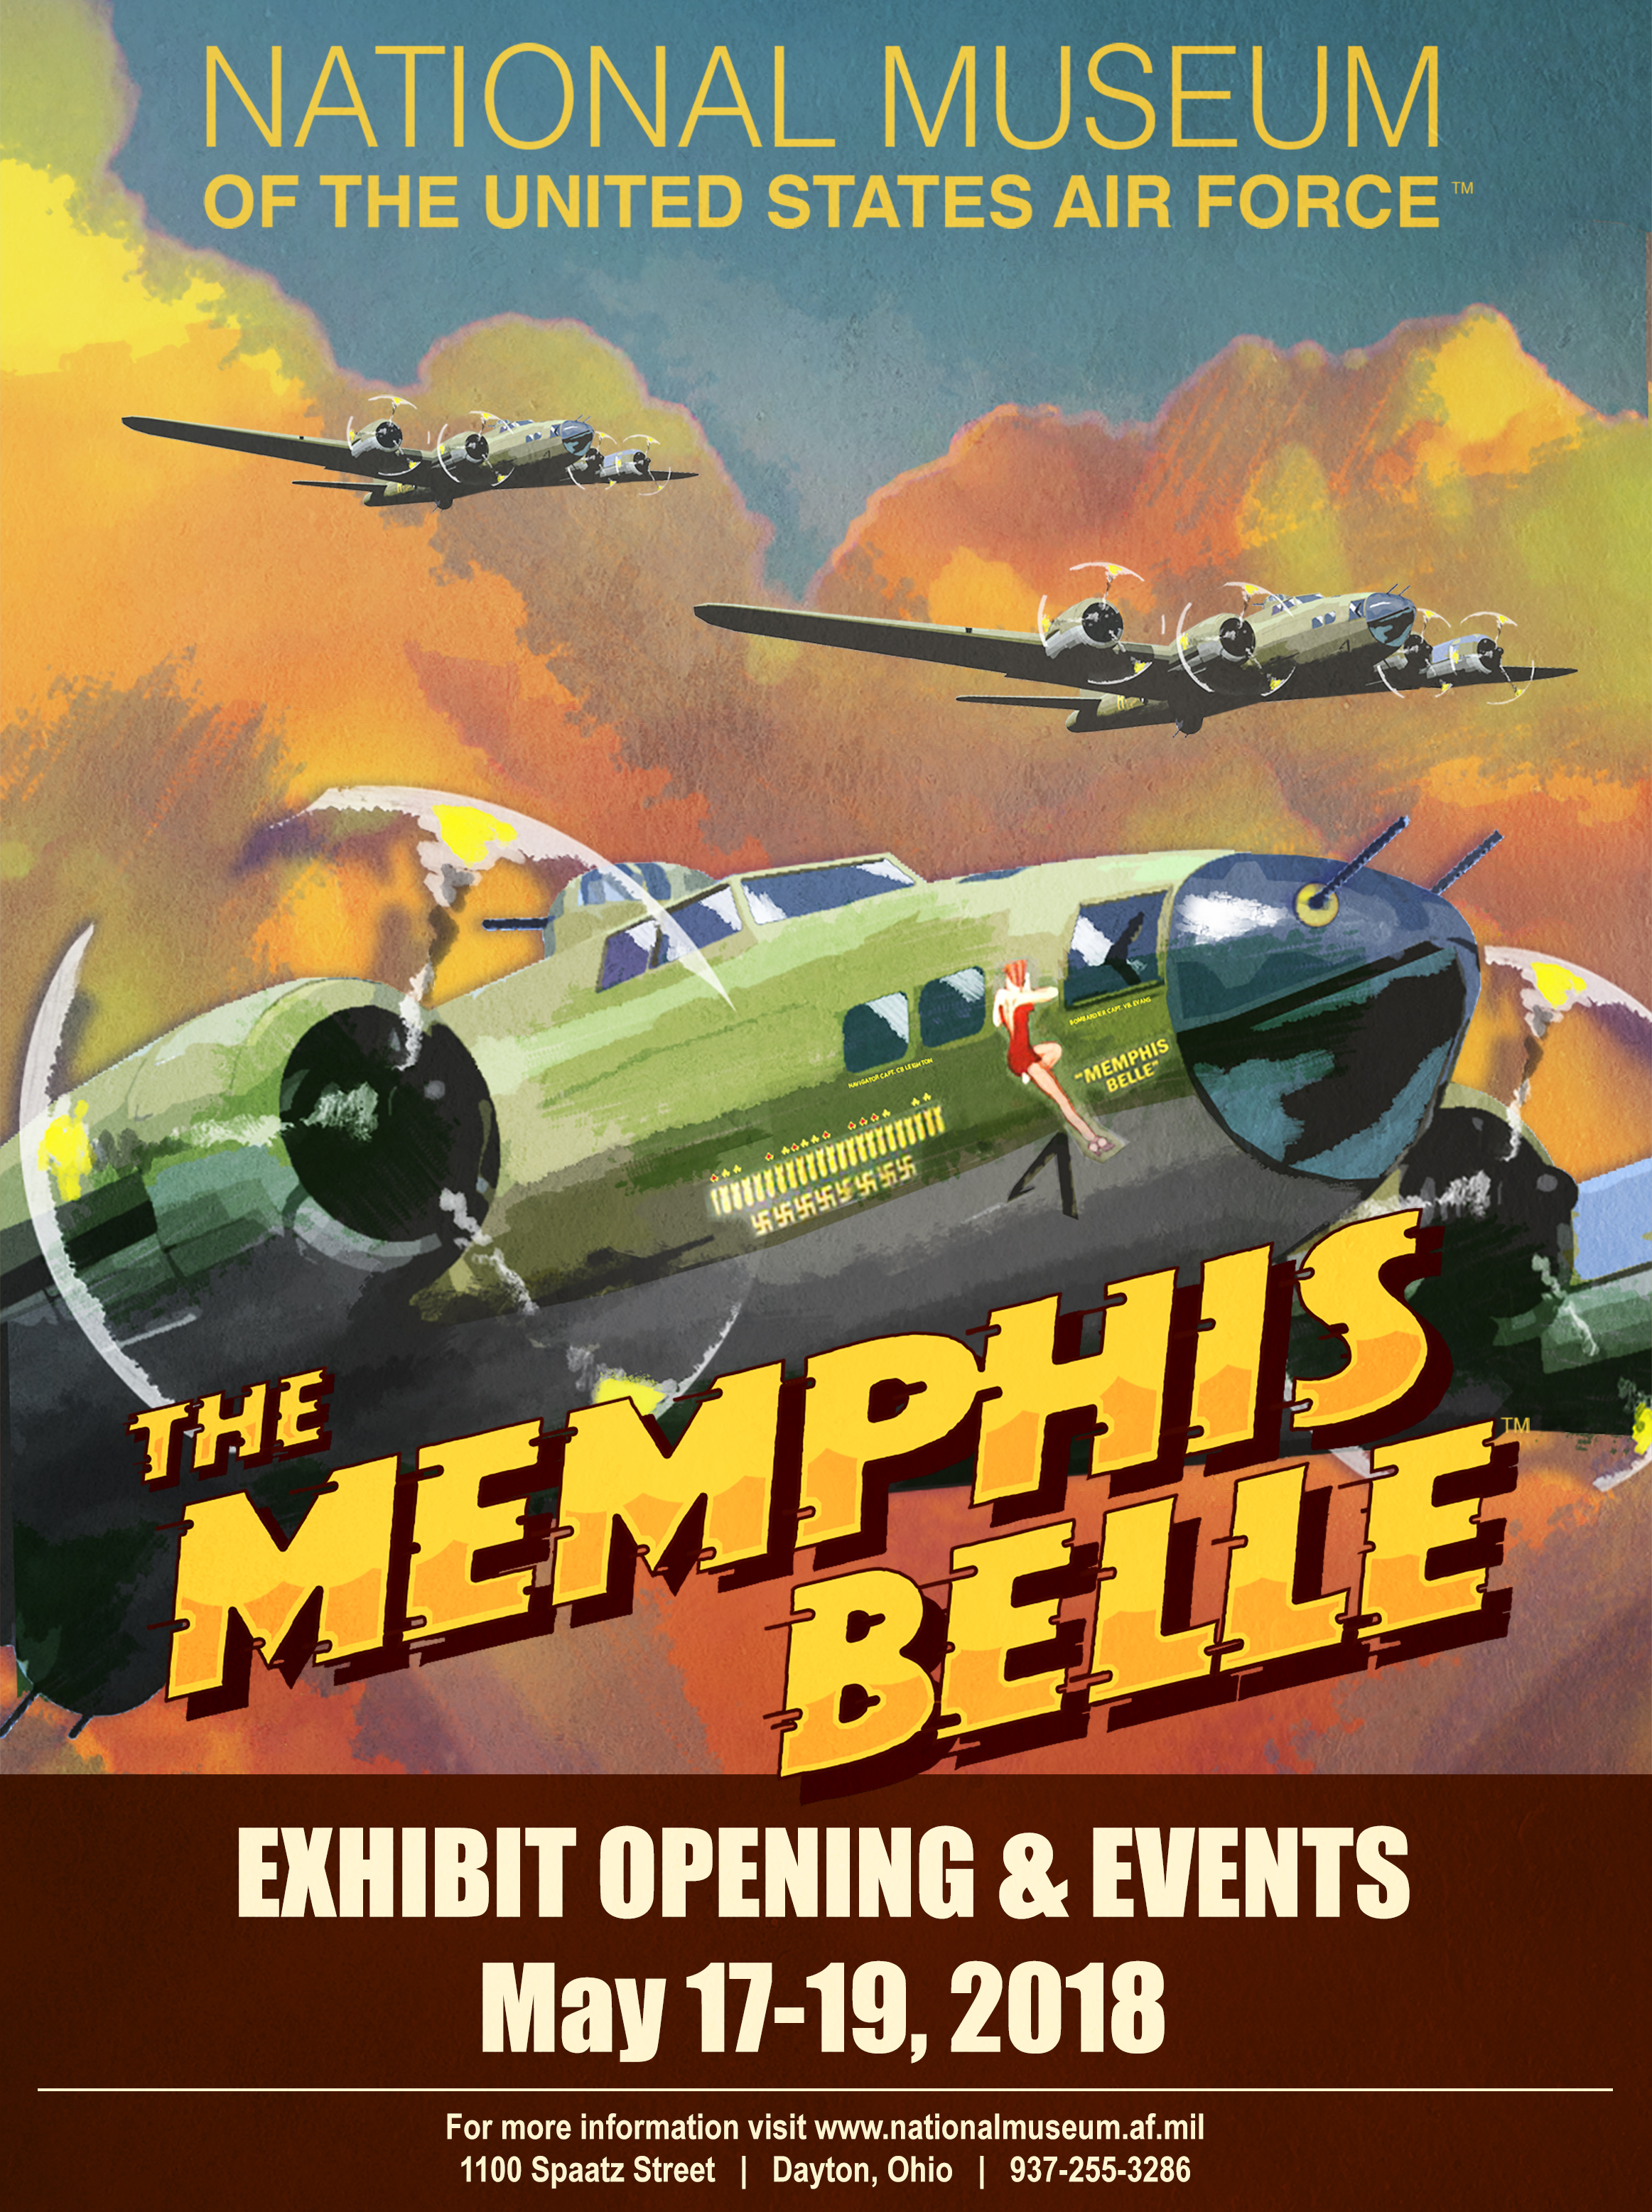 memphis belle u2122 exhibit may 2018